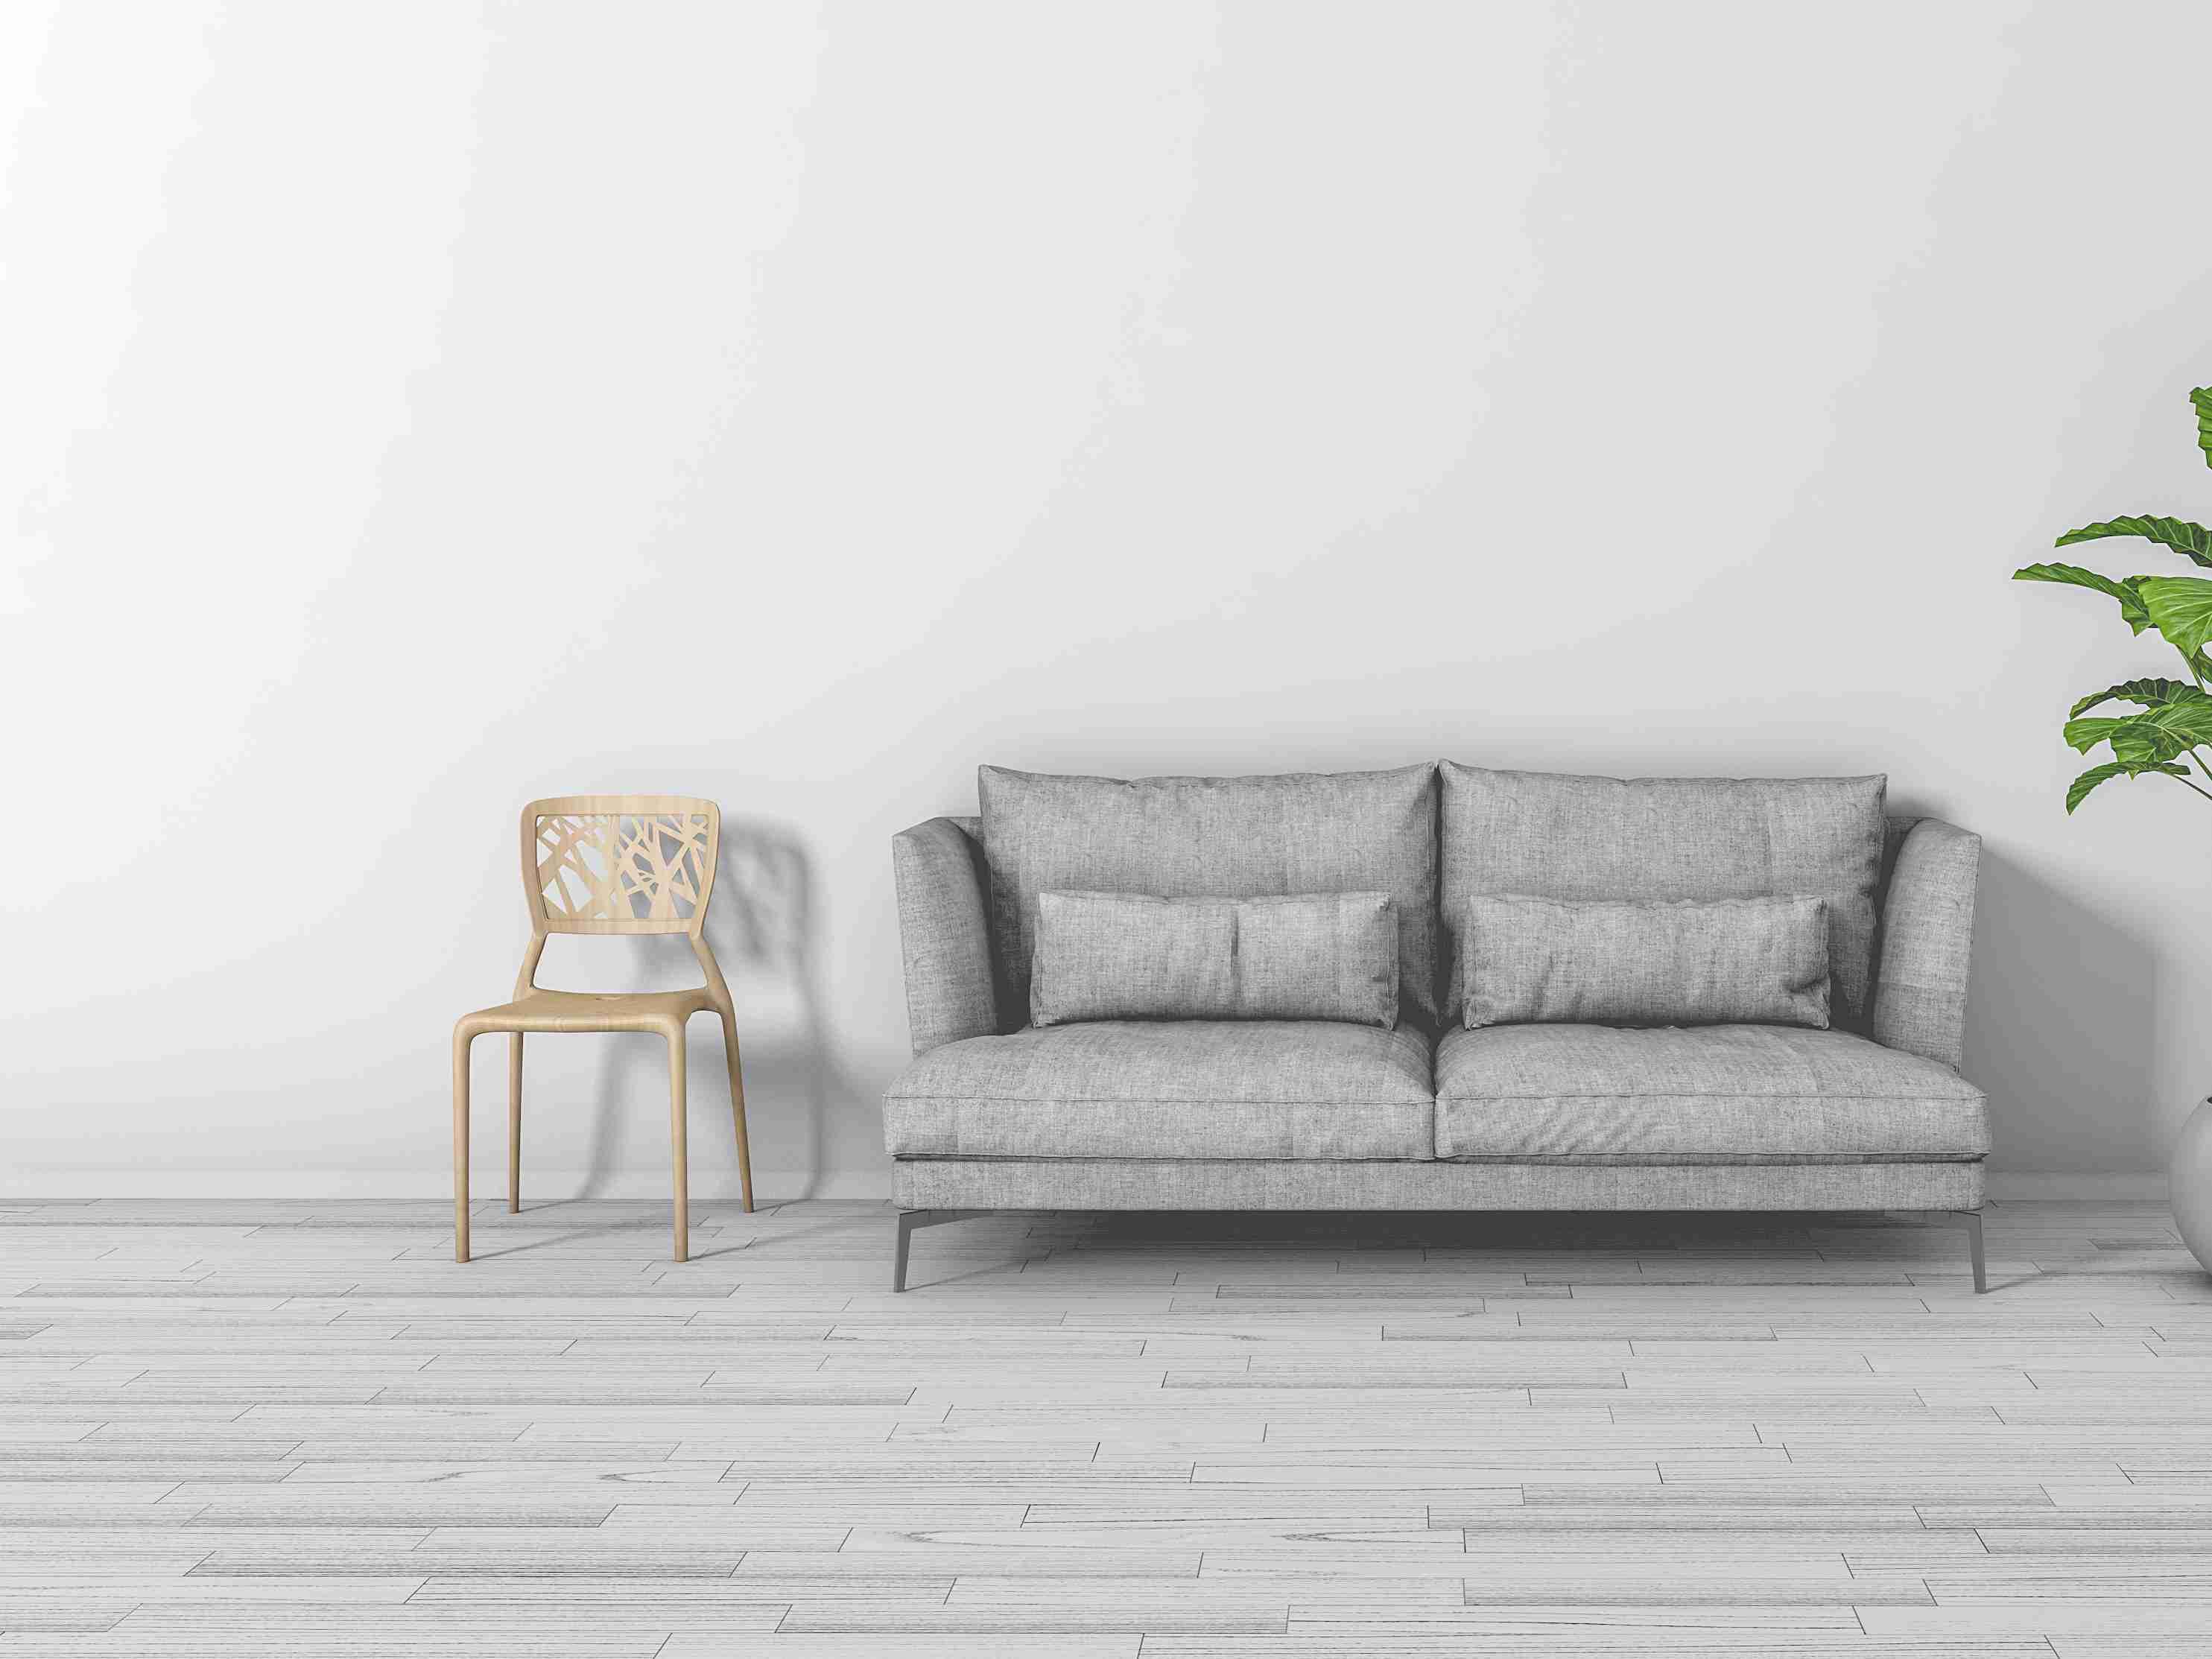 墙面翻新装修时要注意哪些?材料上又该如何选择?